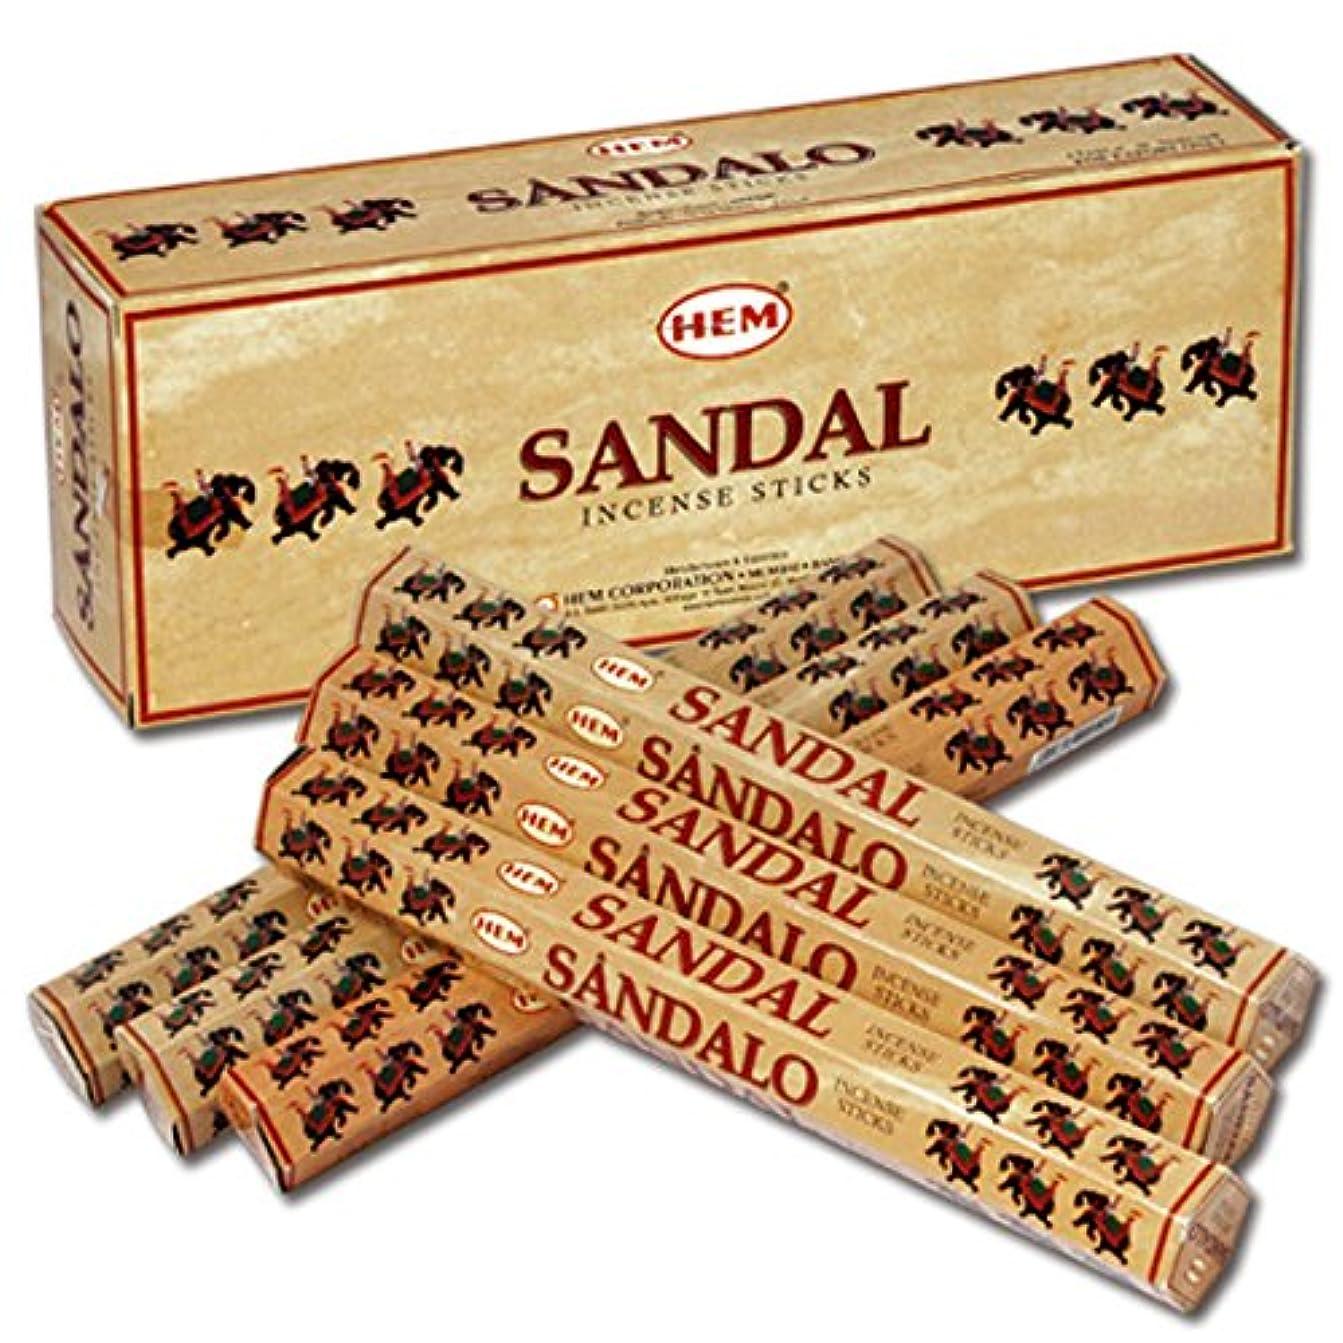 爵不正モックHEM(ヘム) サンダル SANDAL スティックタイプ お香 6筒 セット [並行輸入品]